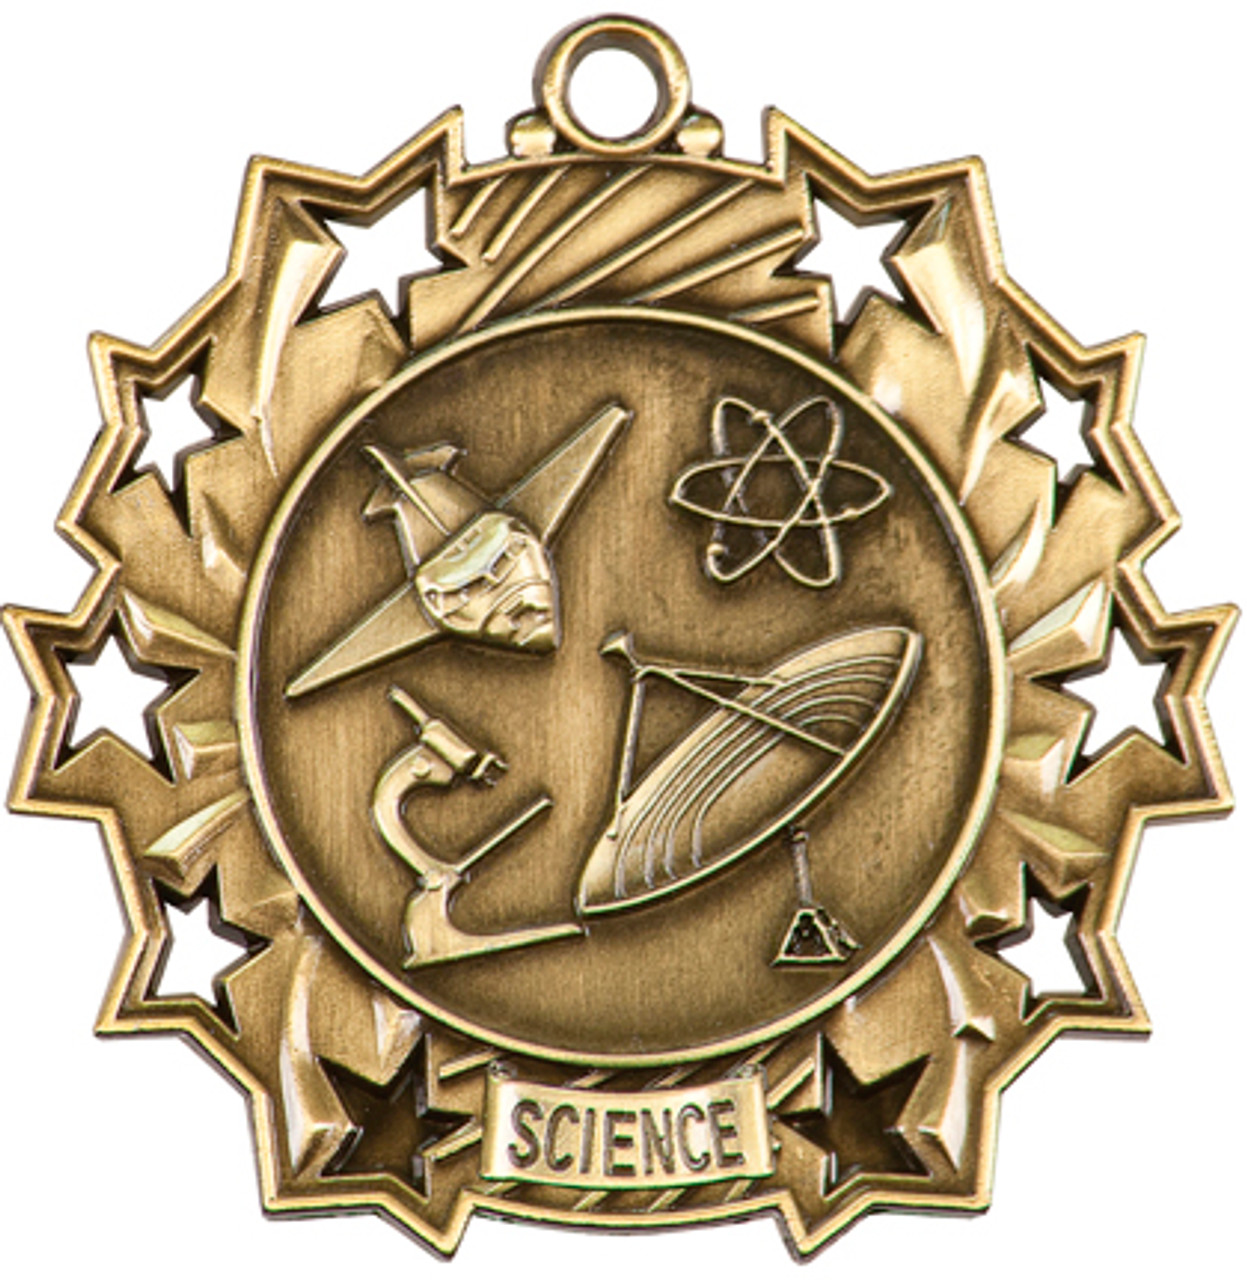 Science Medal